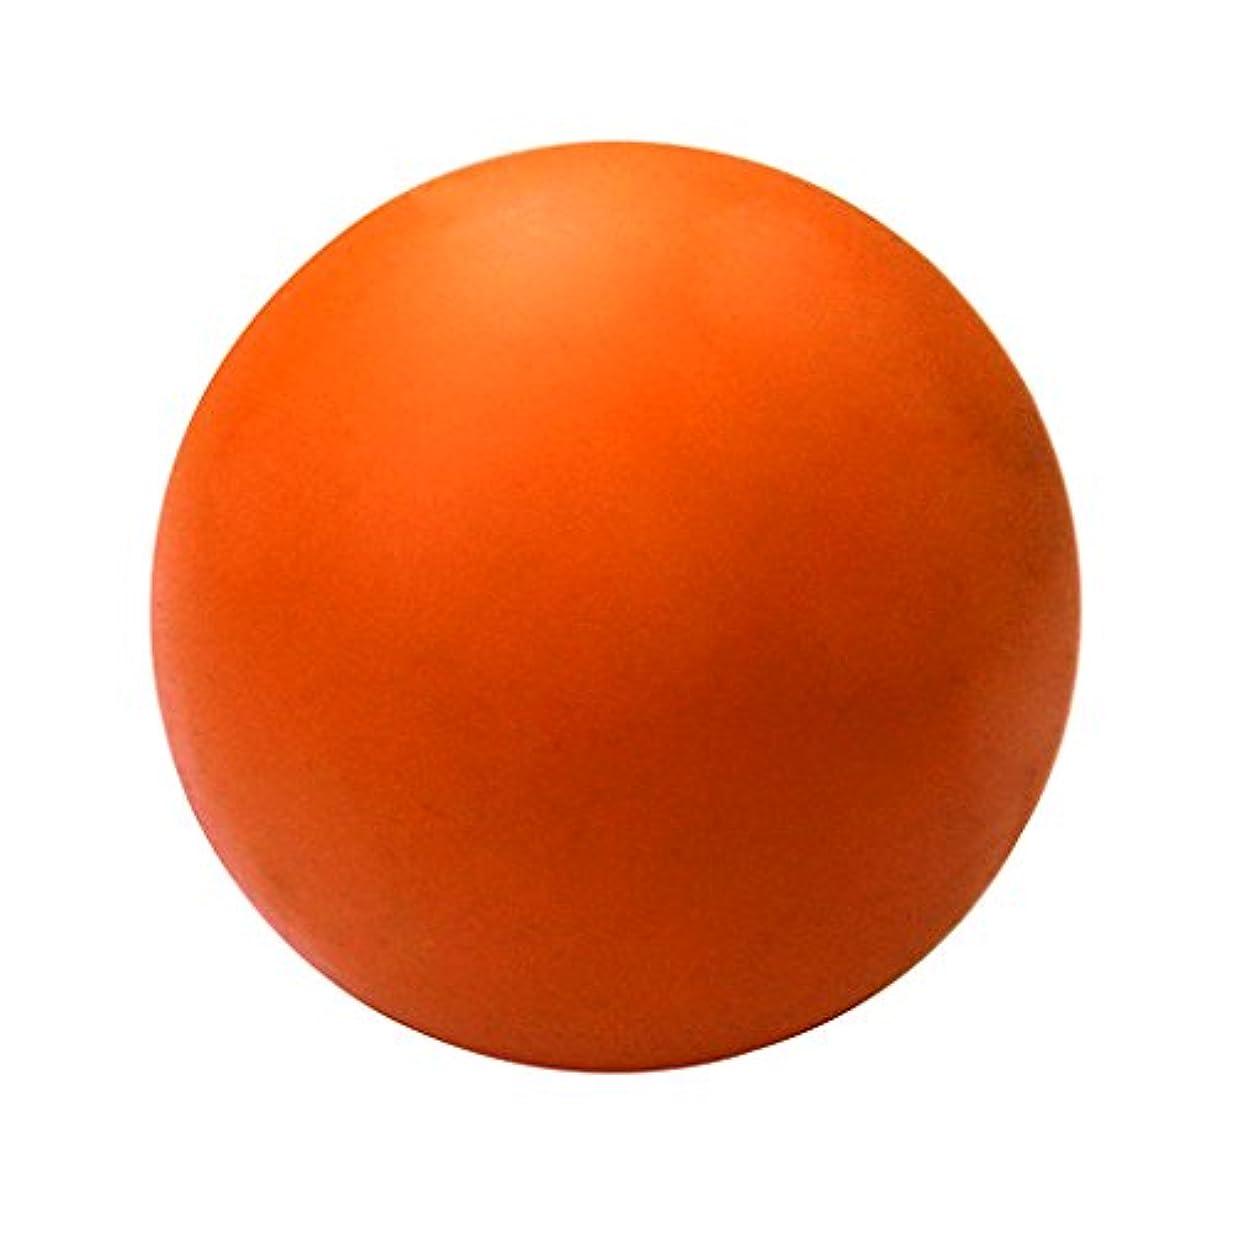 交通本土贈り物CUTICATE ラクロスマッサージボール ボディマッサージボール オレンジ 約 2.36インチ